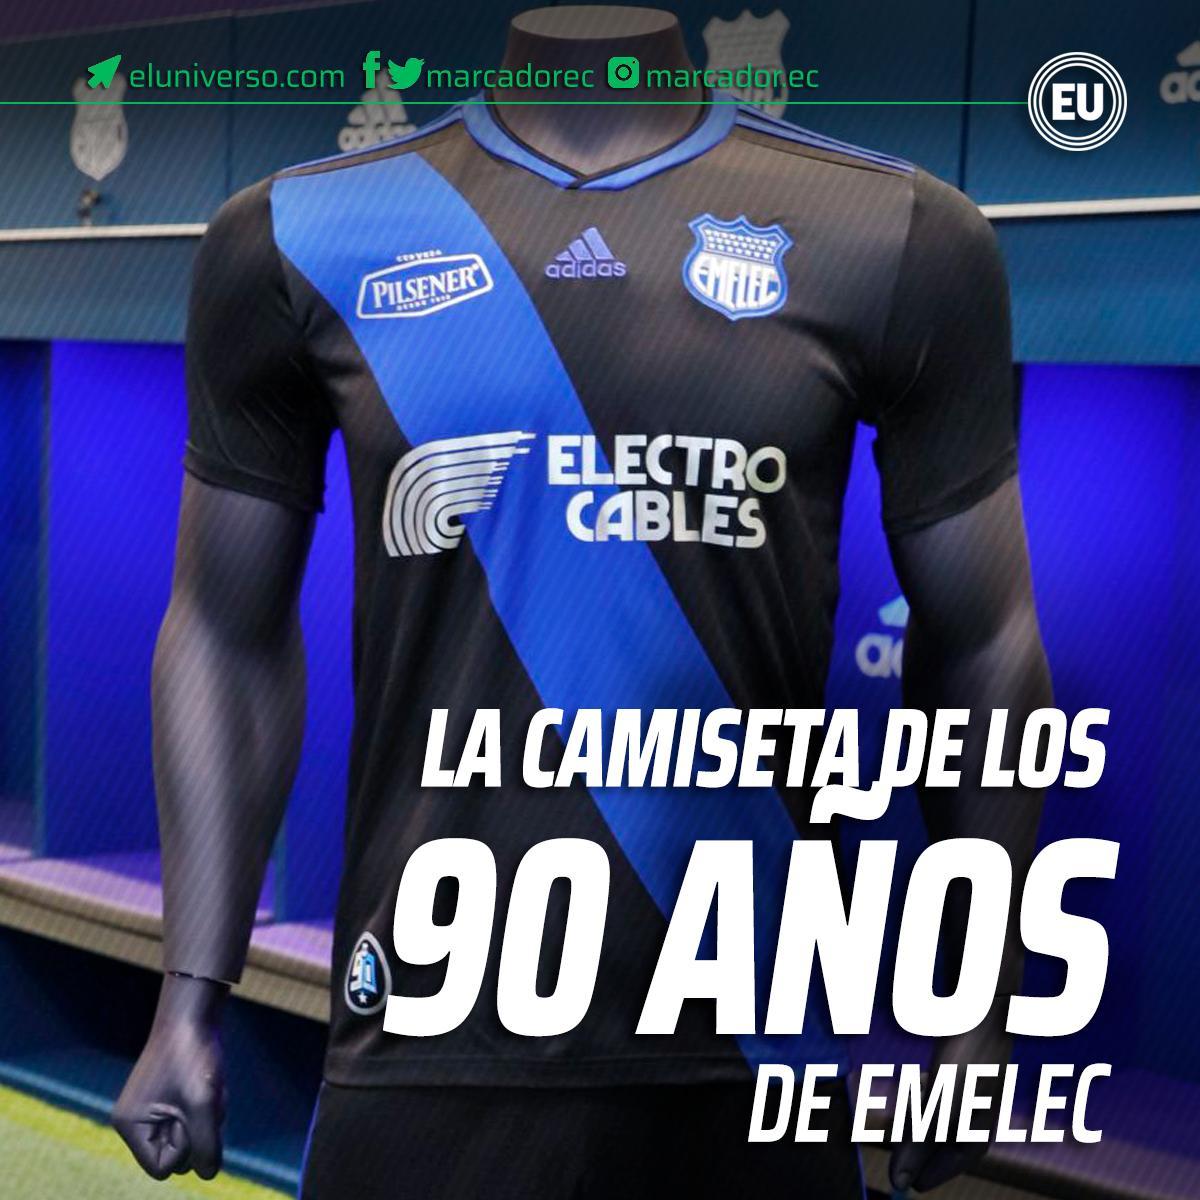 VIDEO | Así es la camiseta del 90 aniversario de #Emelec ► http://ow.ly/5c7W30owT5Q